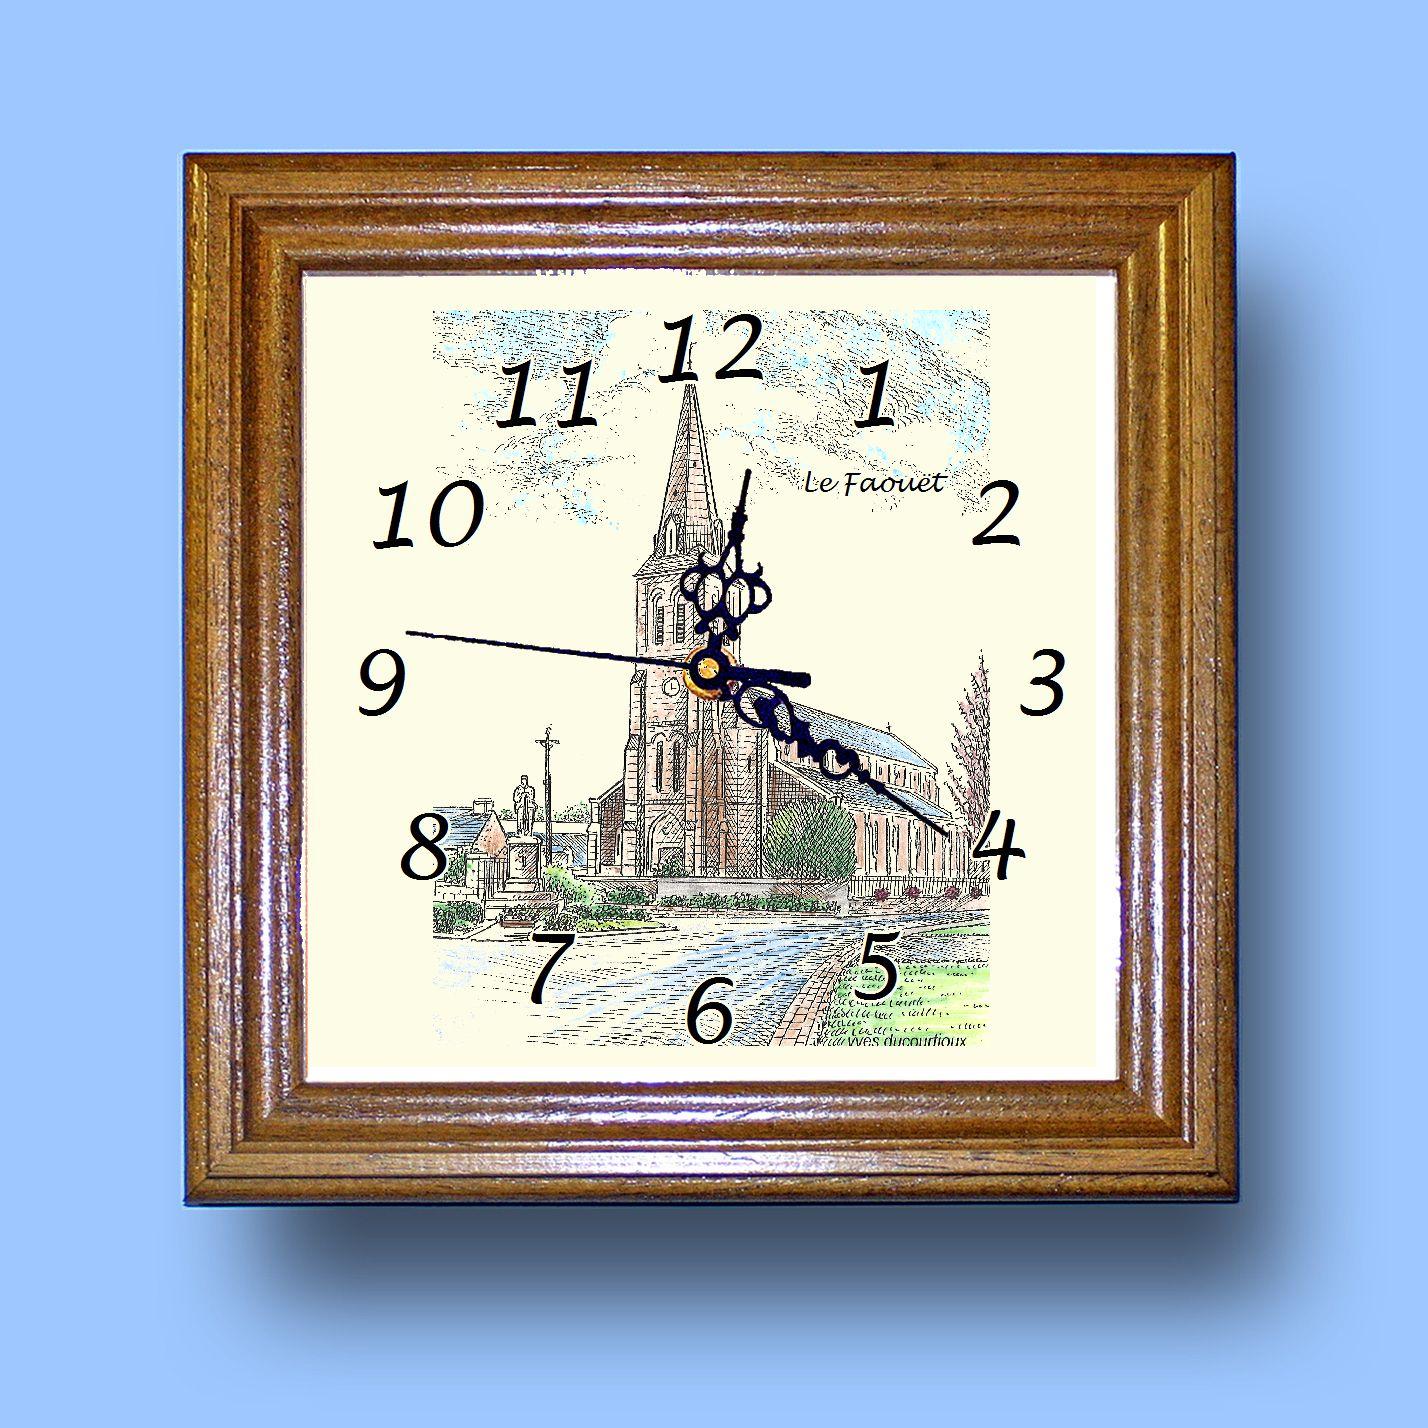 HG CL 22446 - Horloge avec une vue de 22 LE FAOUET 36bhEvFu-08070522-102526054